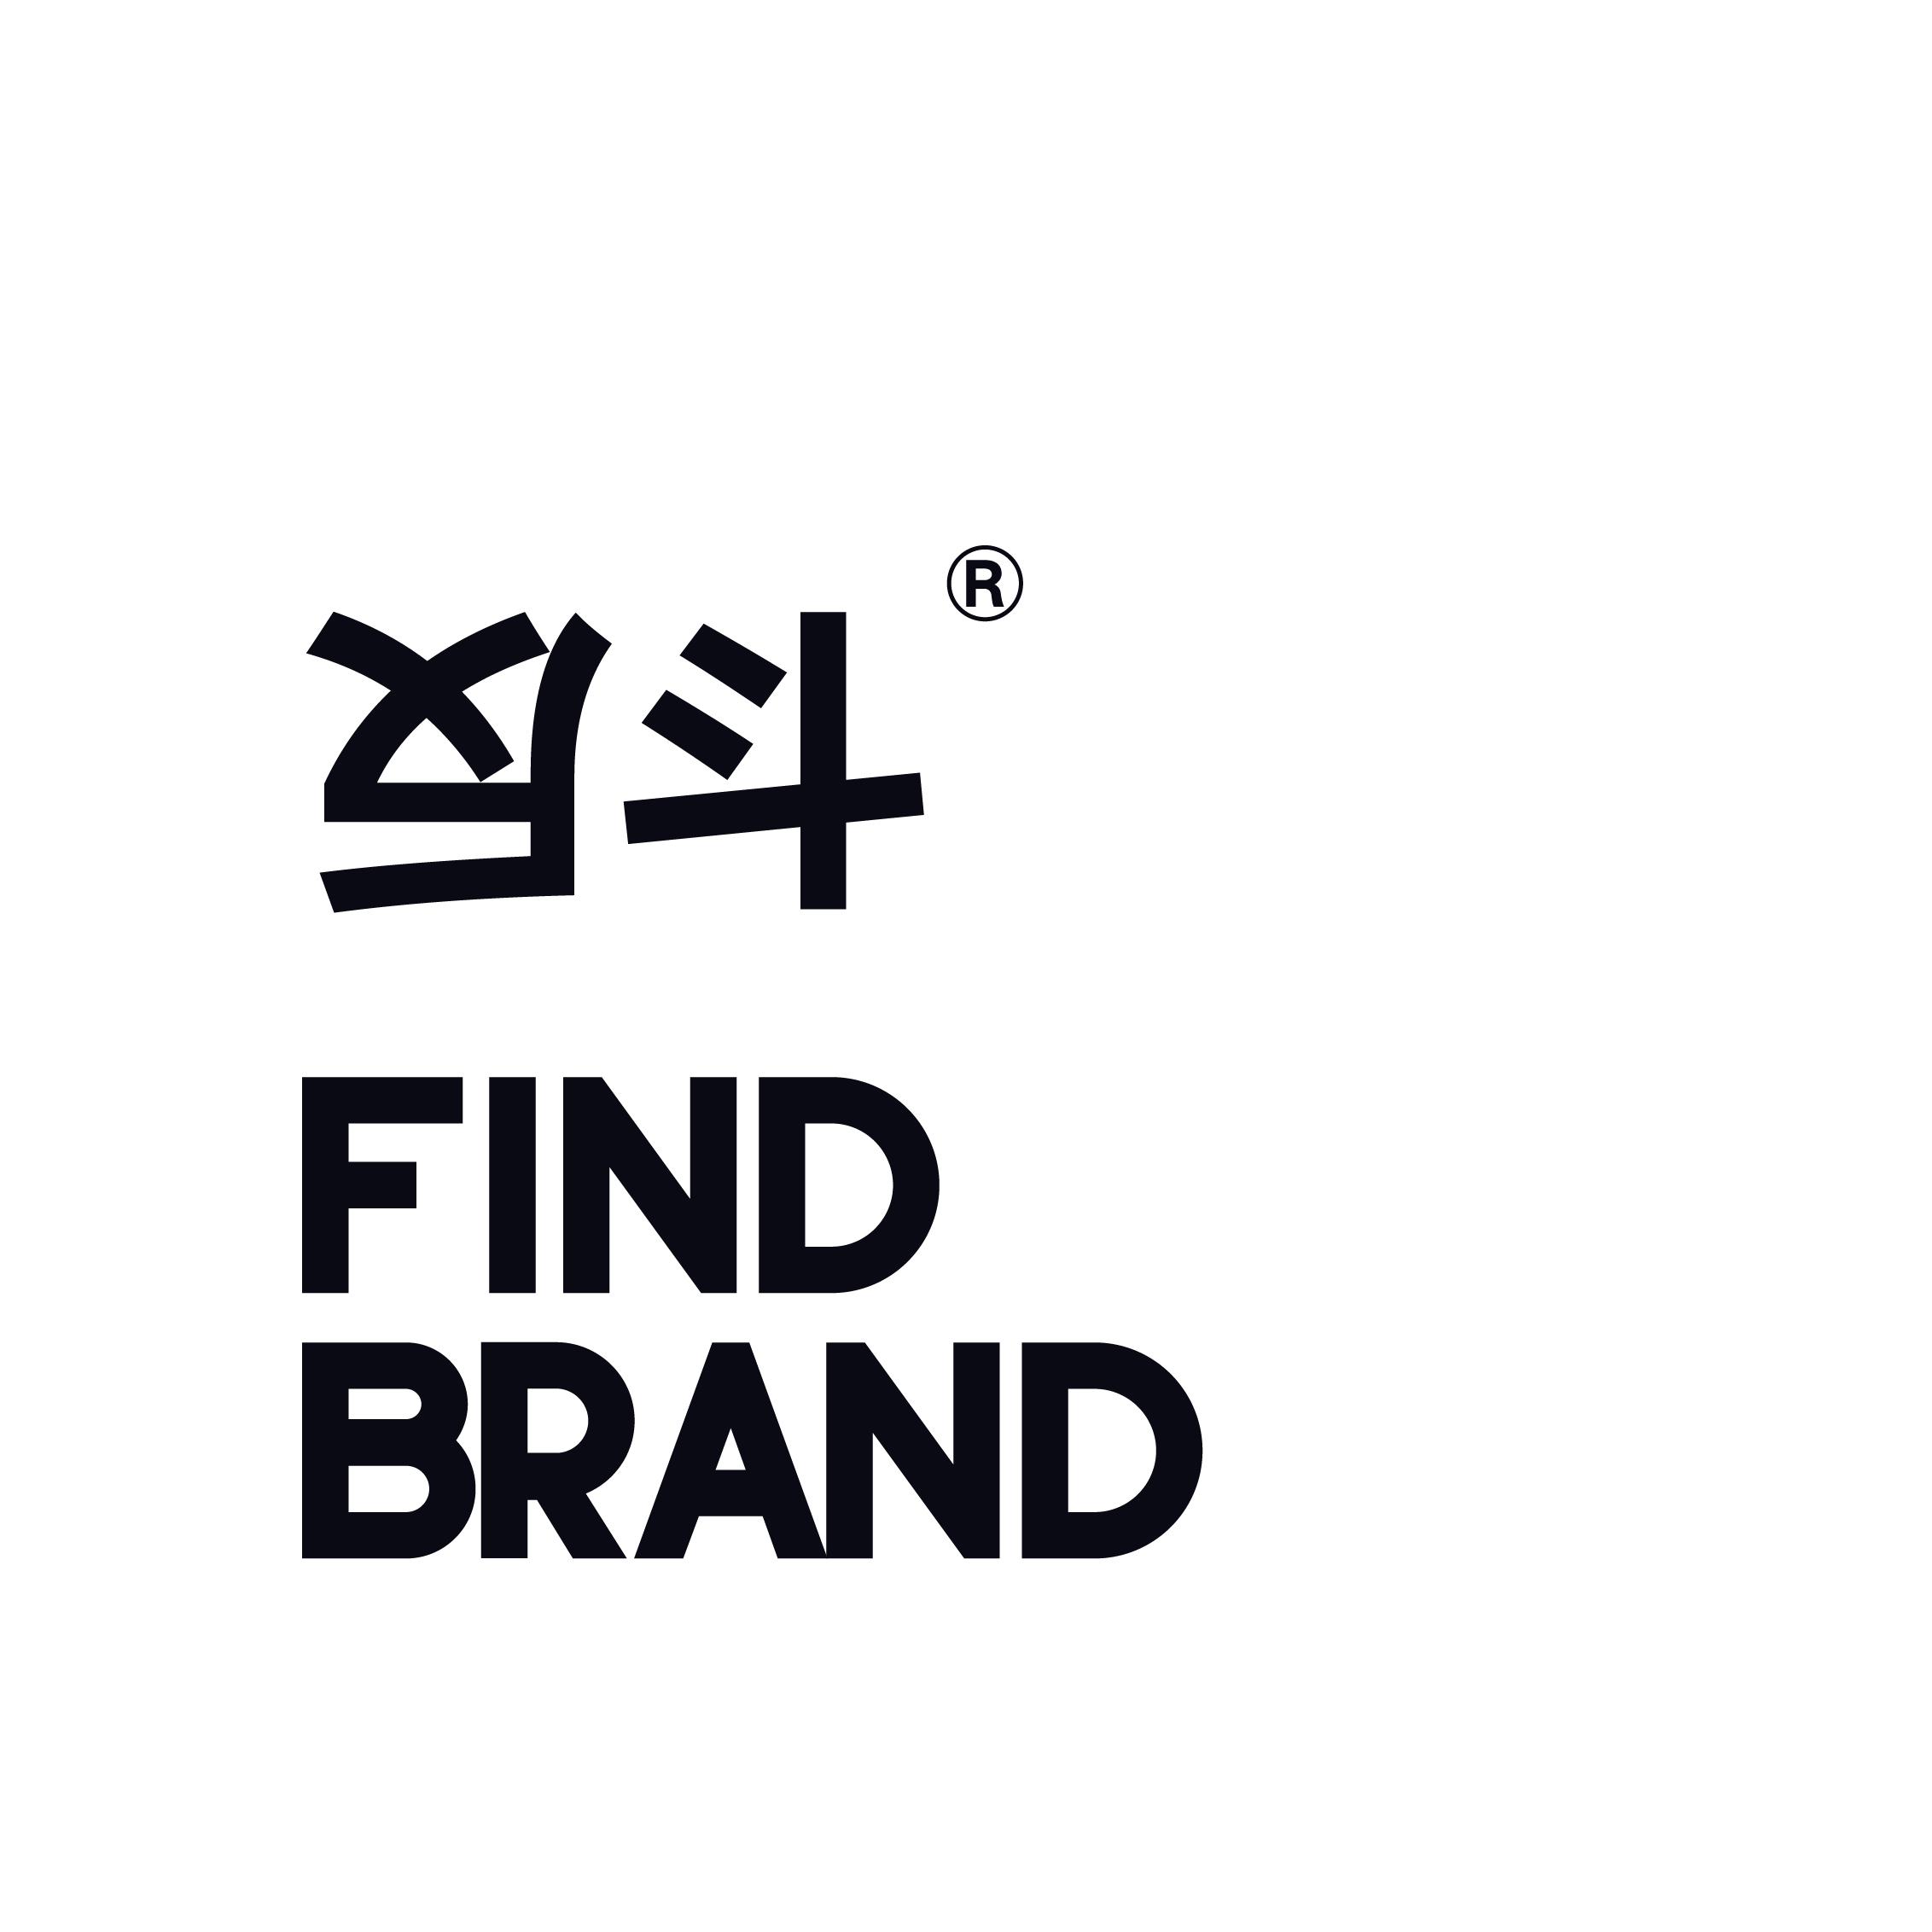 西安反斗品牌策划设计有限公司